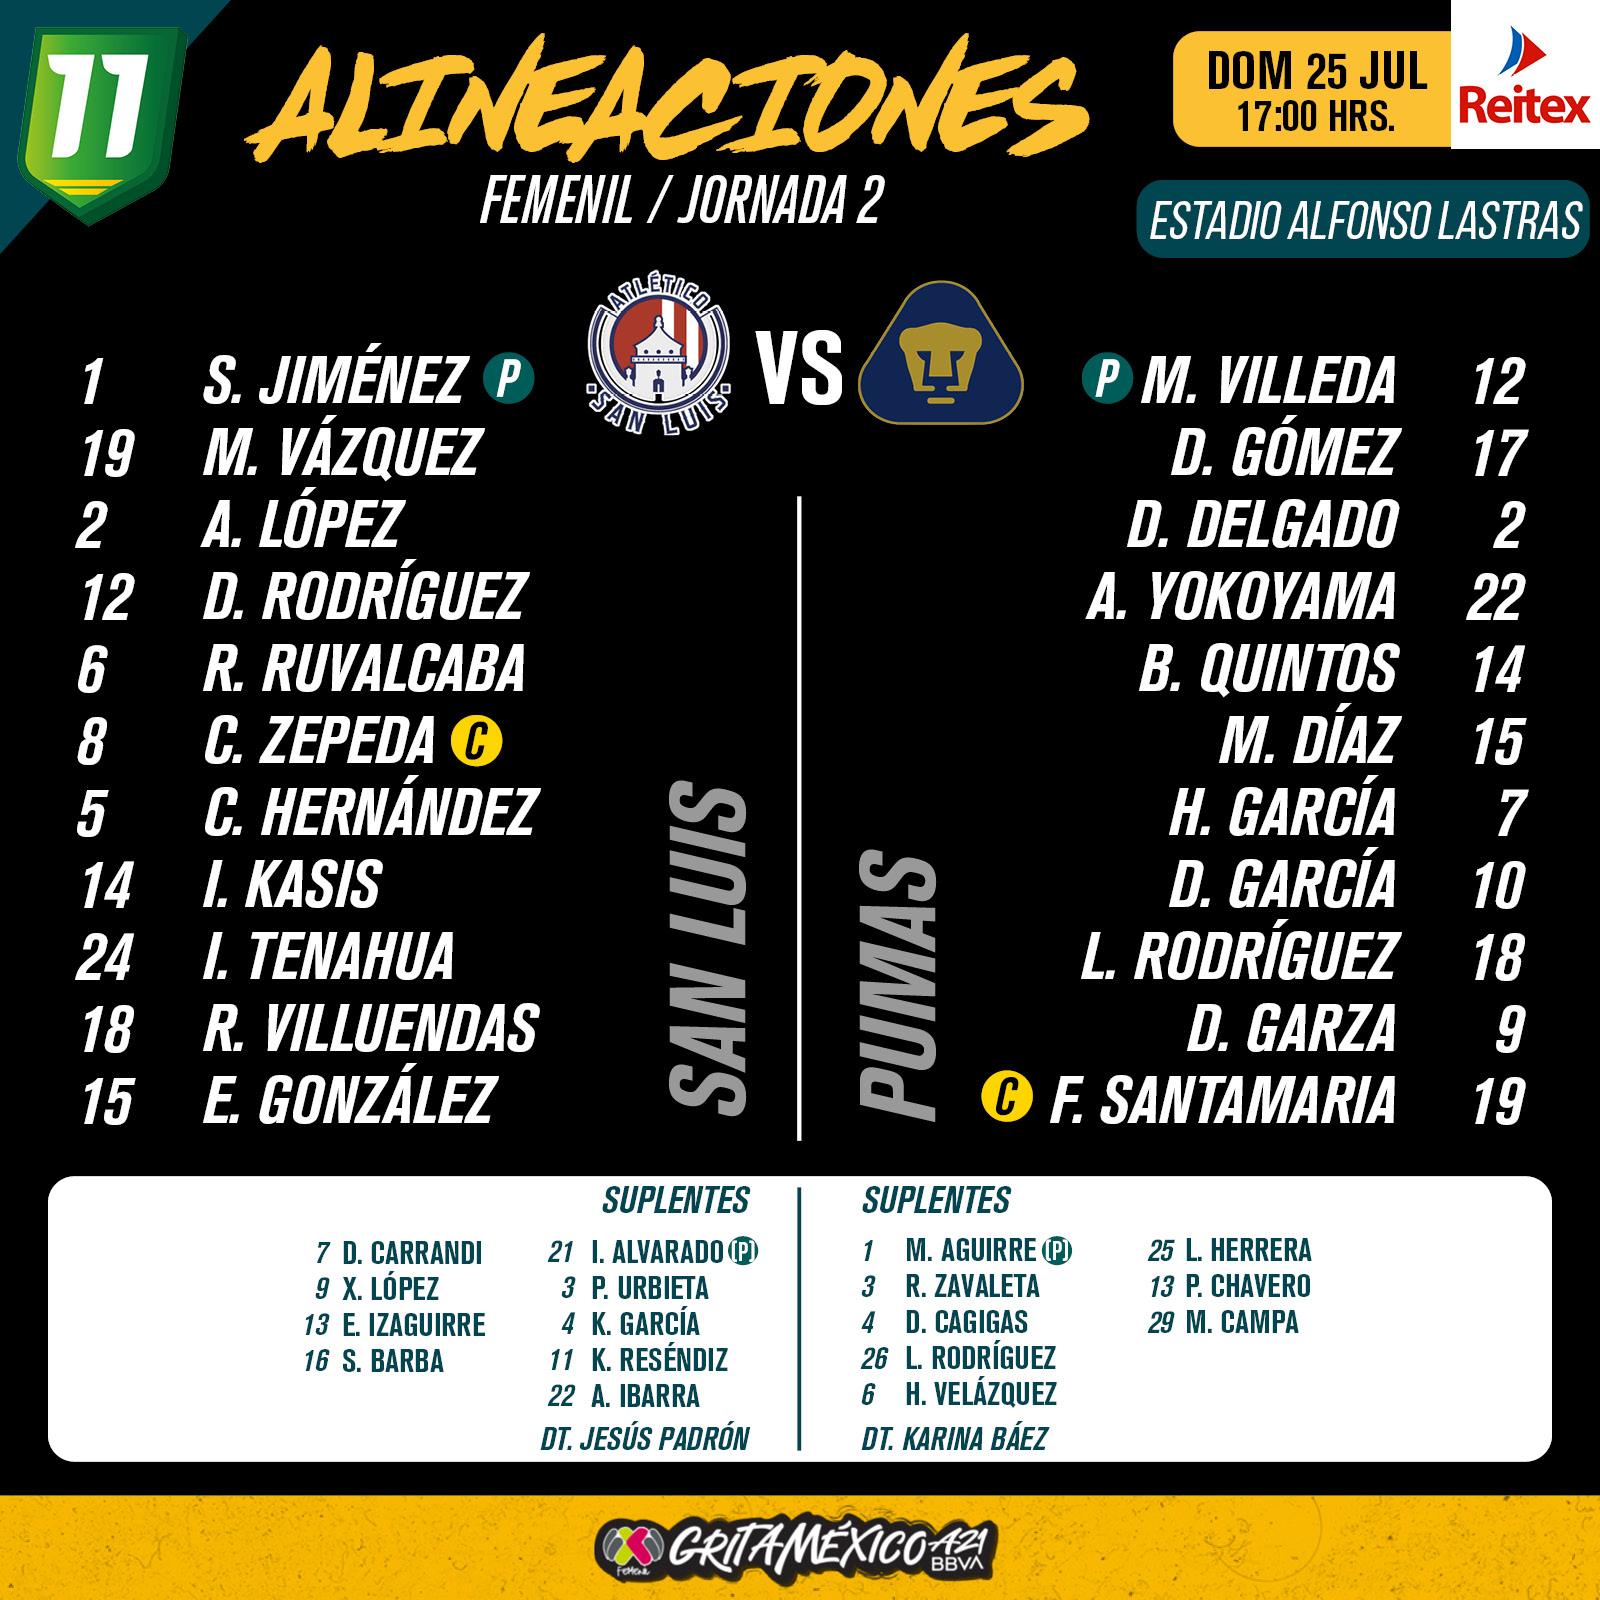 Alineaciones del Atlético de San Luis Femenil vs. Pumas Femenil